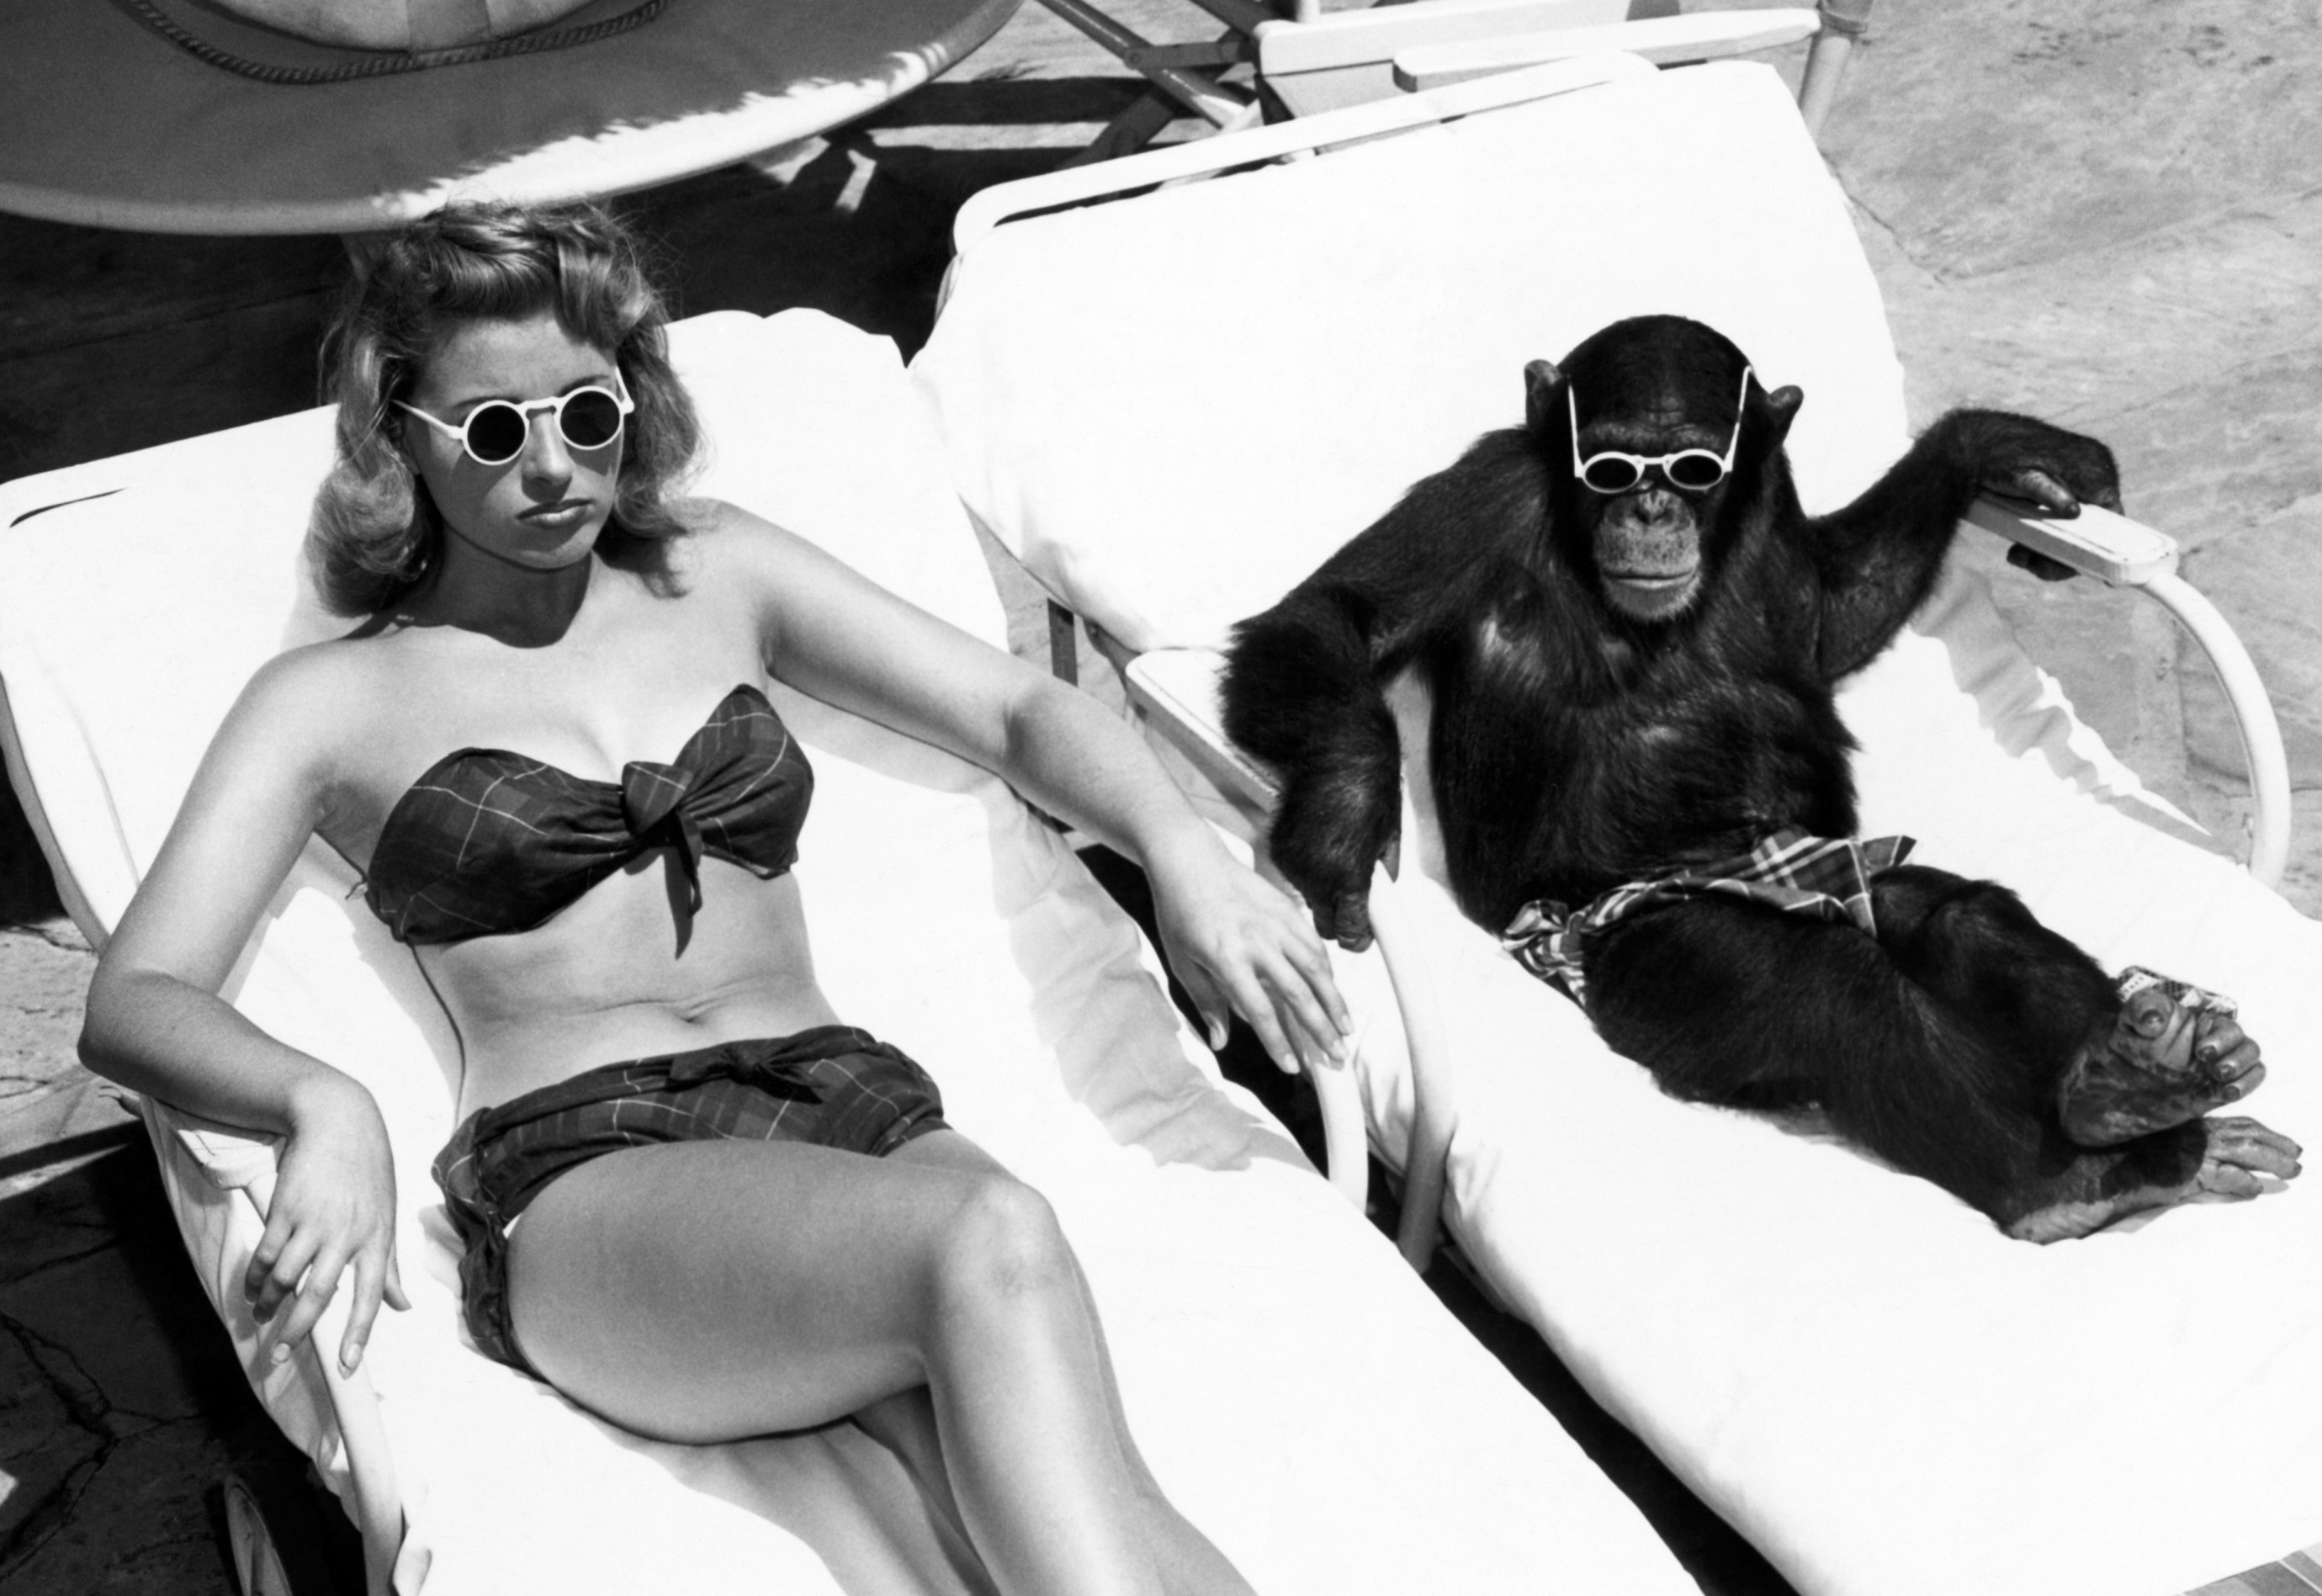 Aap en vrouw in een ligstoel